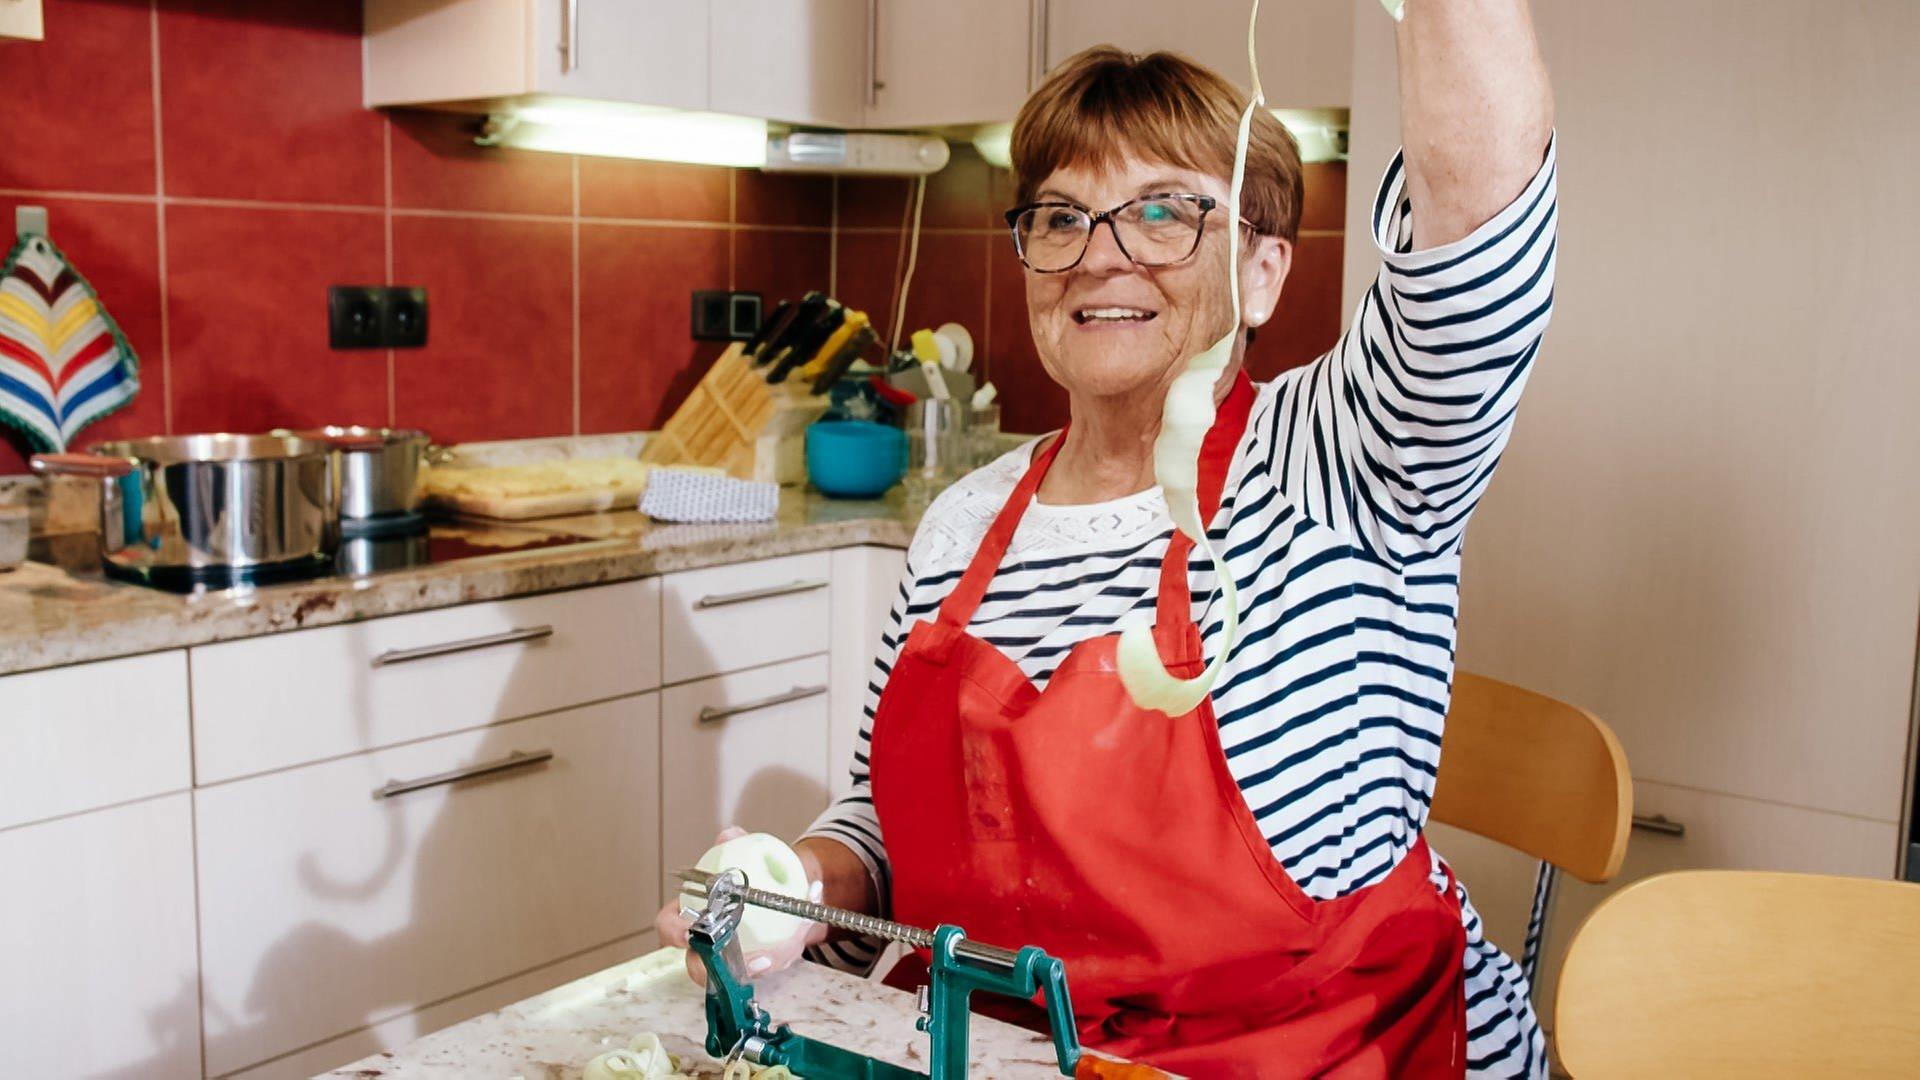 Oma Margarete hält eine Apfelschale hoch, die ihre Heiratsfähigkeit bescheinigt